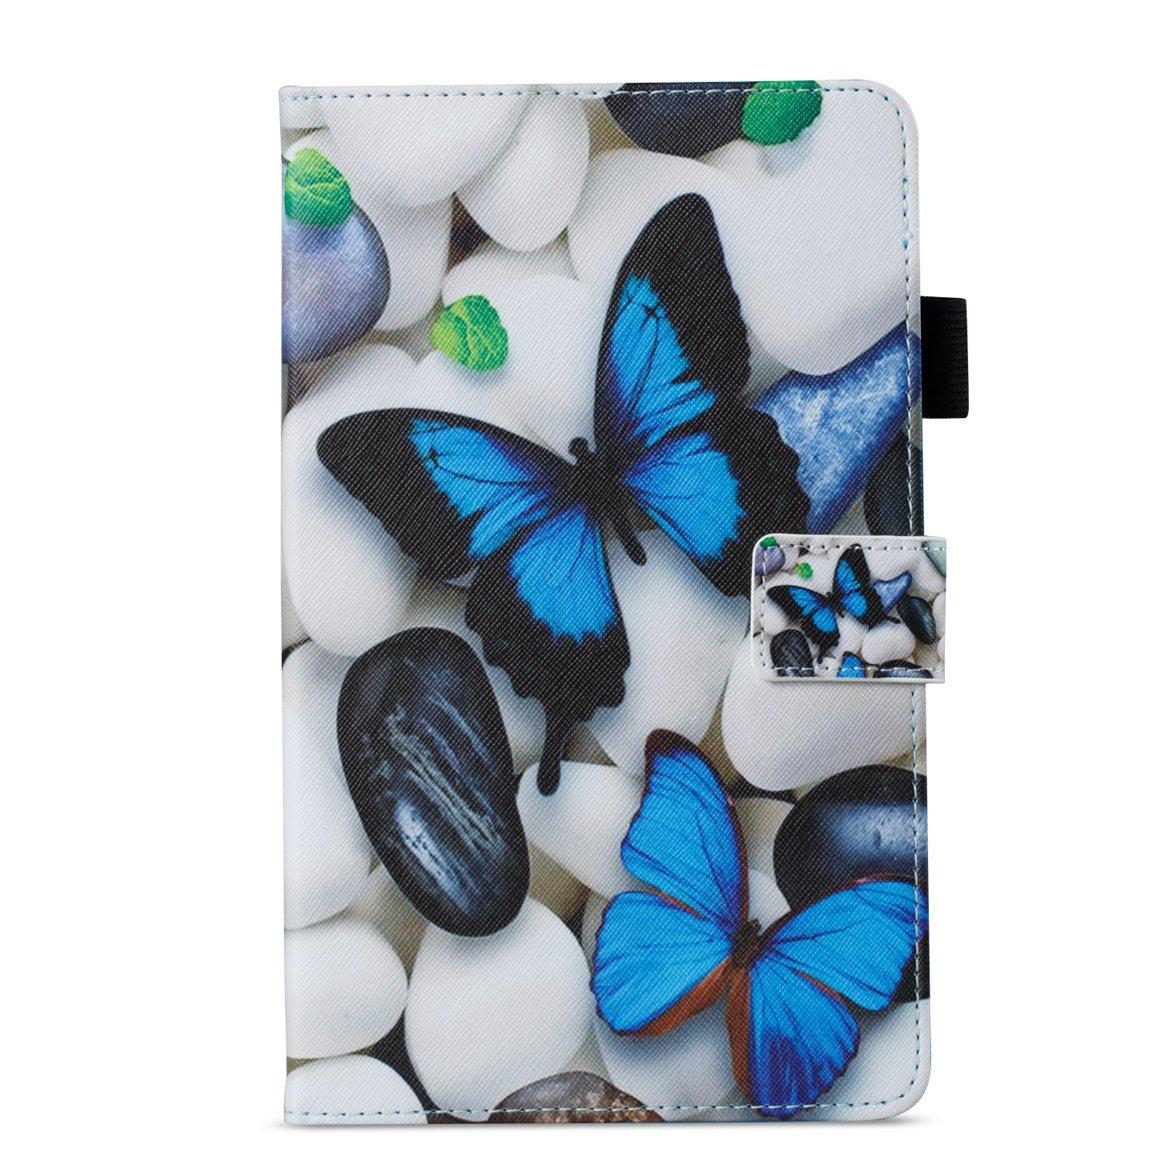 T385 T380 /Étui Magn/étique Coque Stand Housse Coque Flip Cuir Leather Housse de Protection Cute Colorful Pattern Conception Y04 Romantronic Samsung Galaxy Tab A 8.0 Pouces 2017 SM